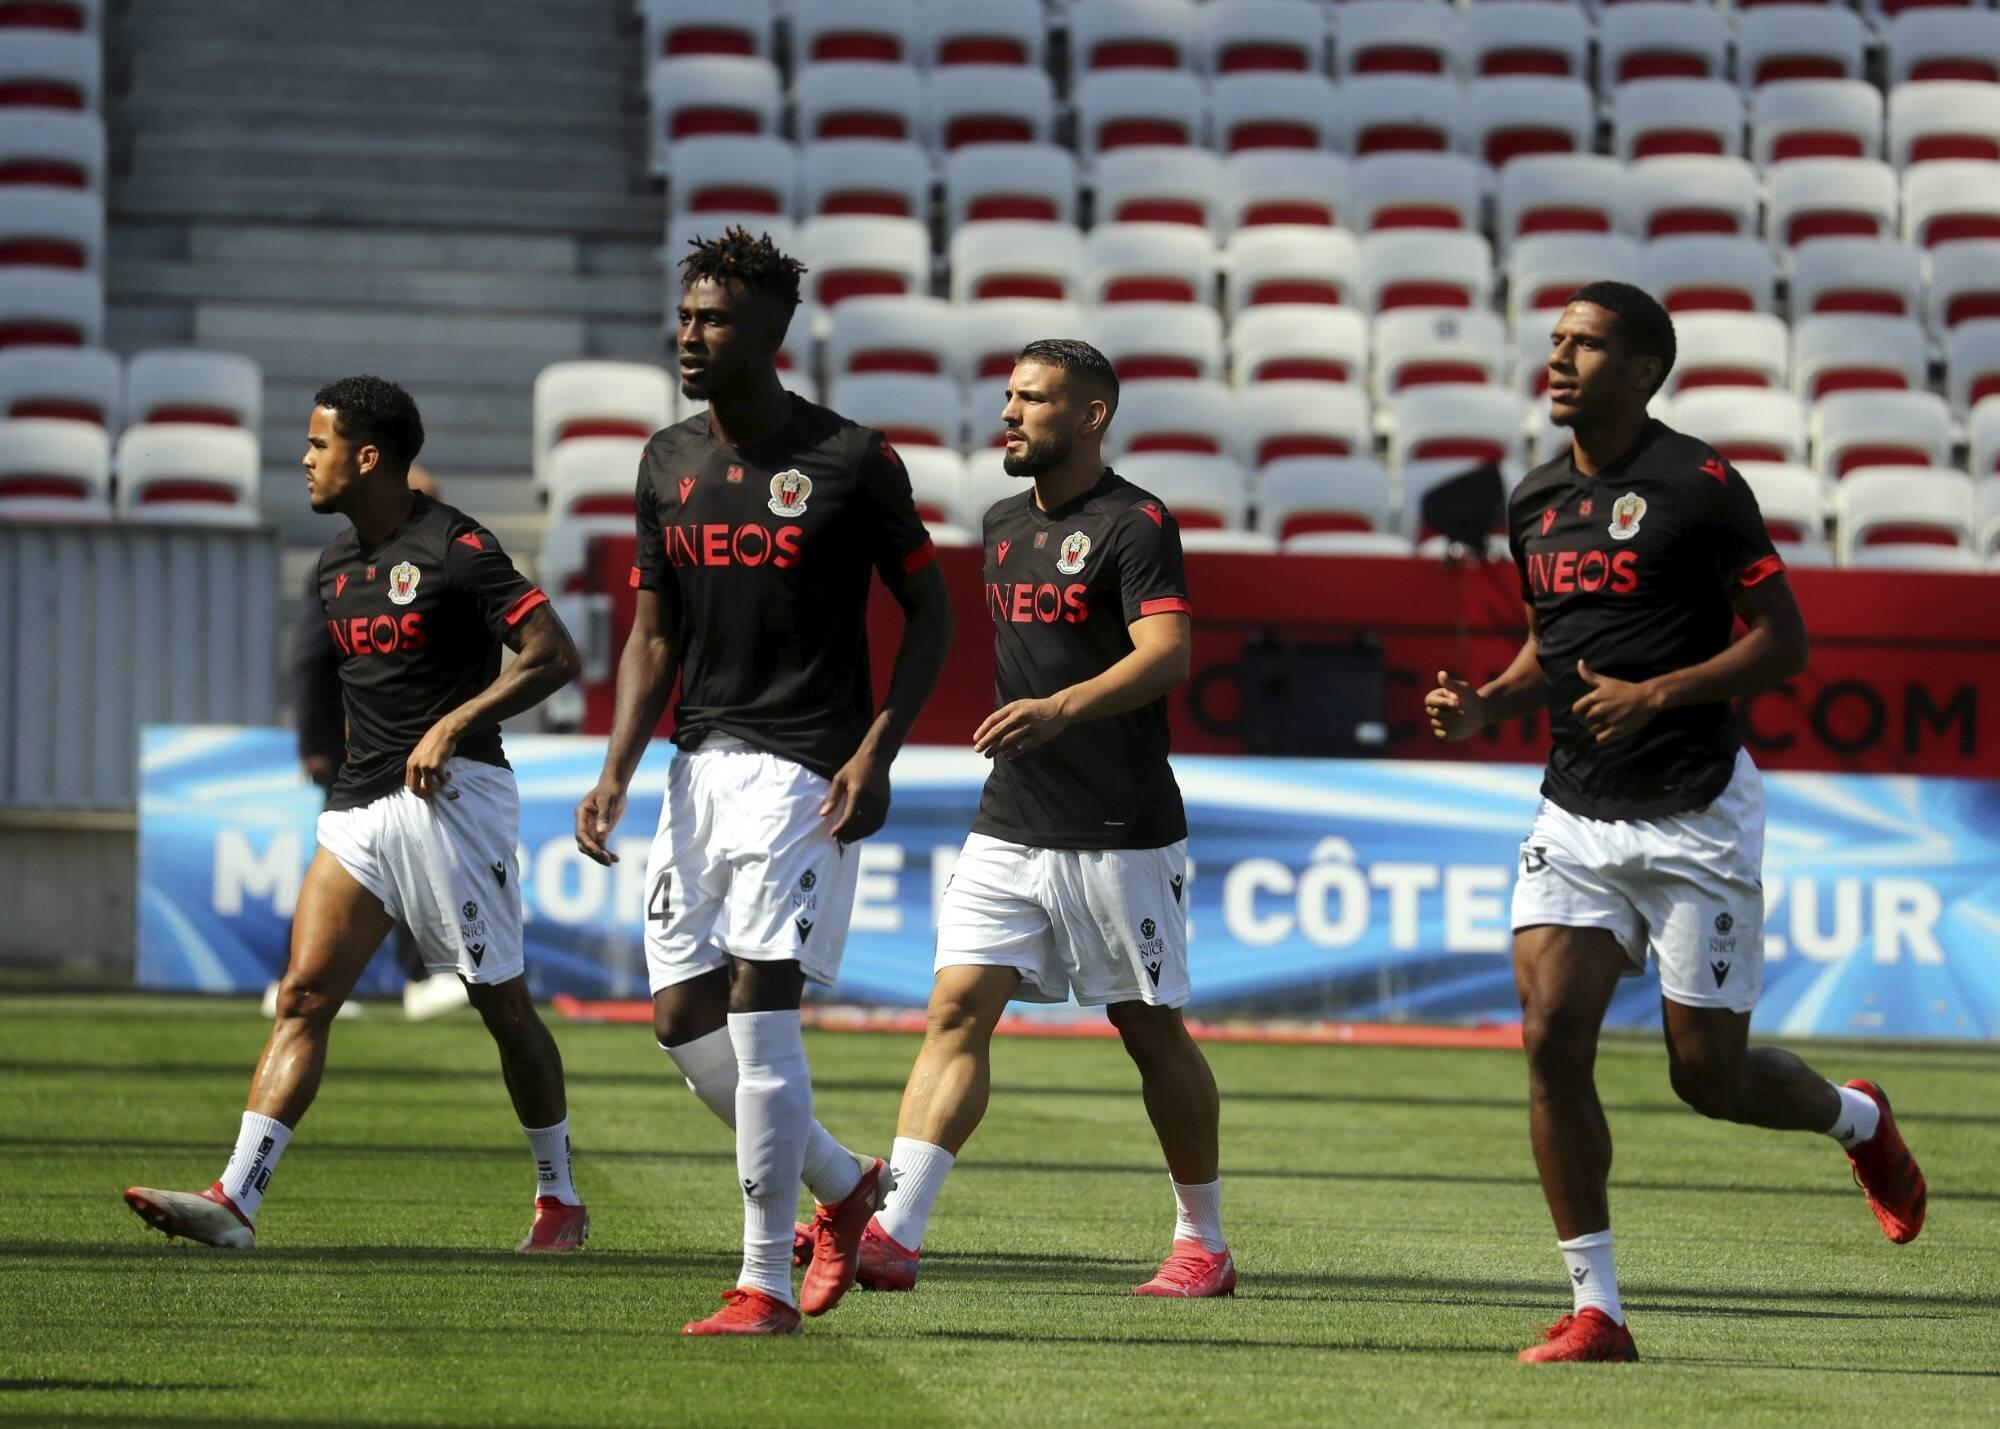 On connaît le groupe de l'OGC Nice retenu pour affronter Lorient mercredi